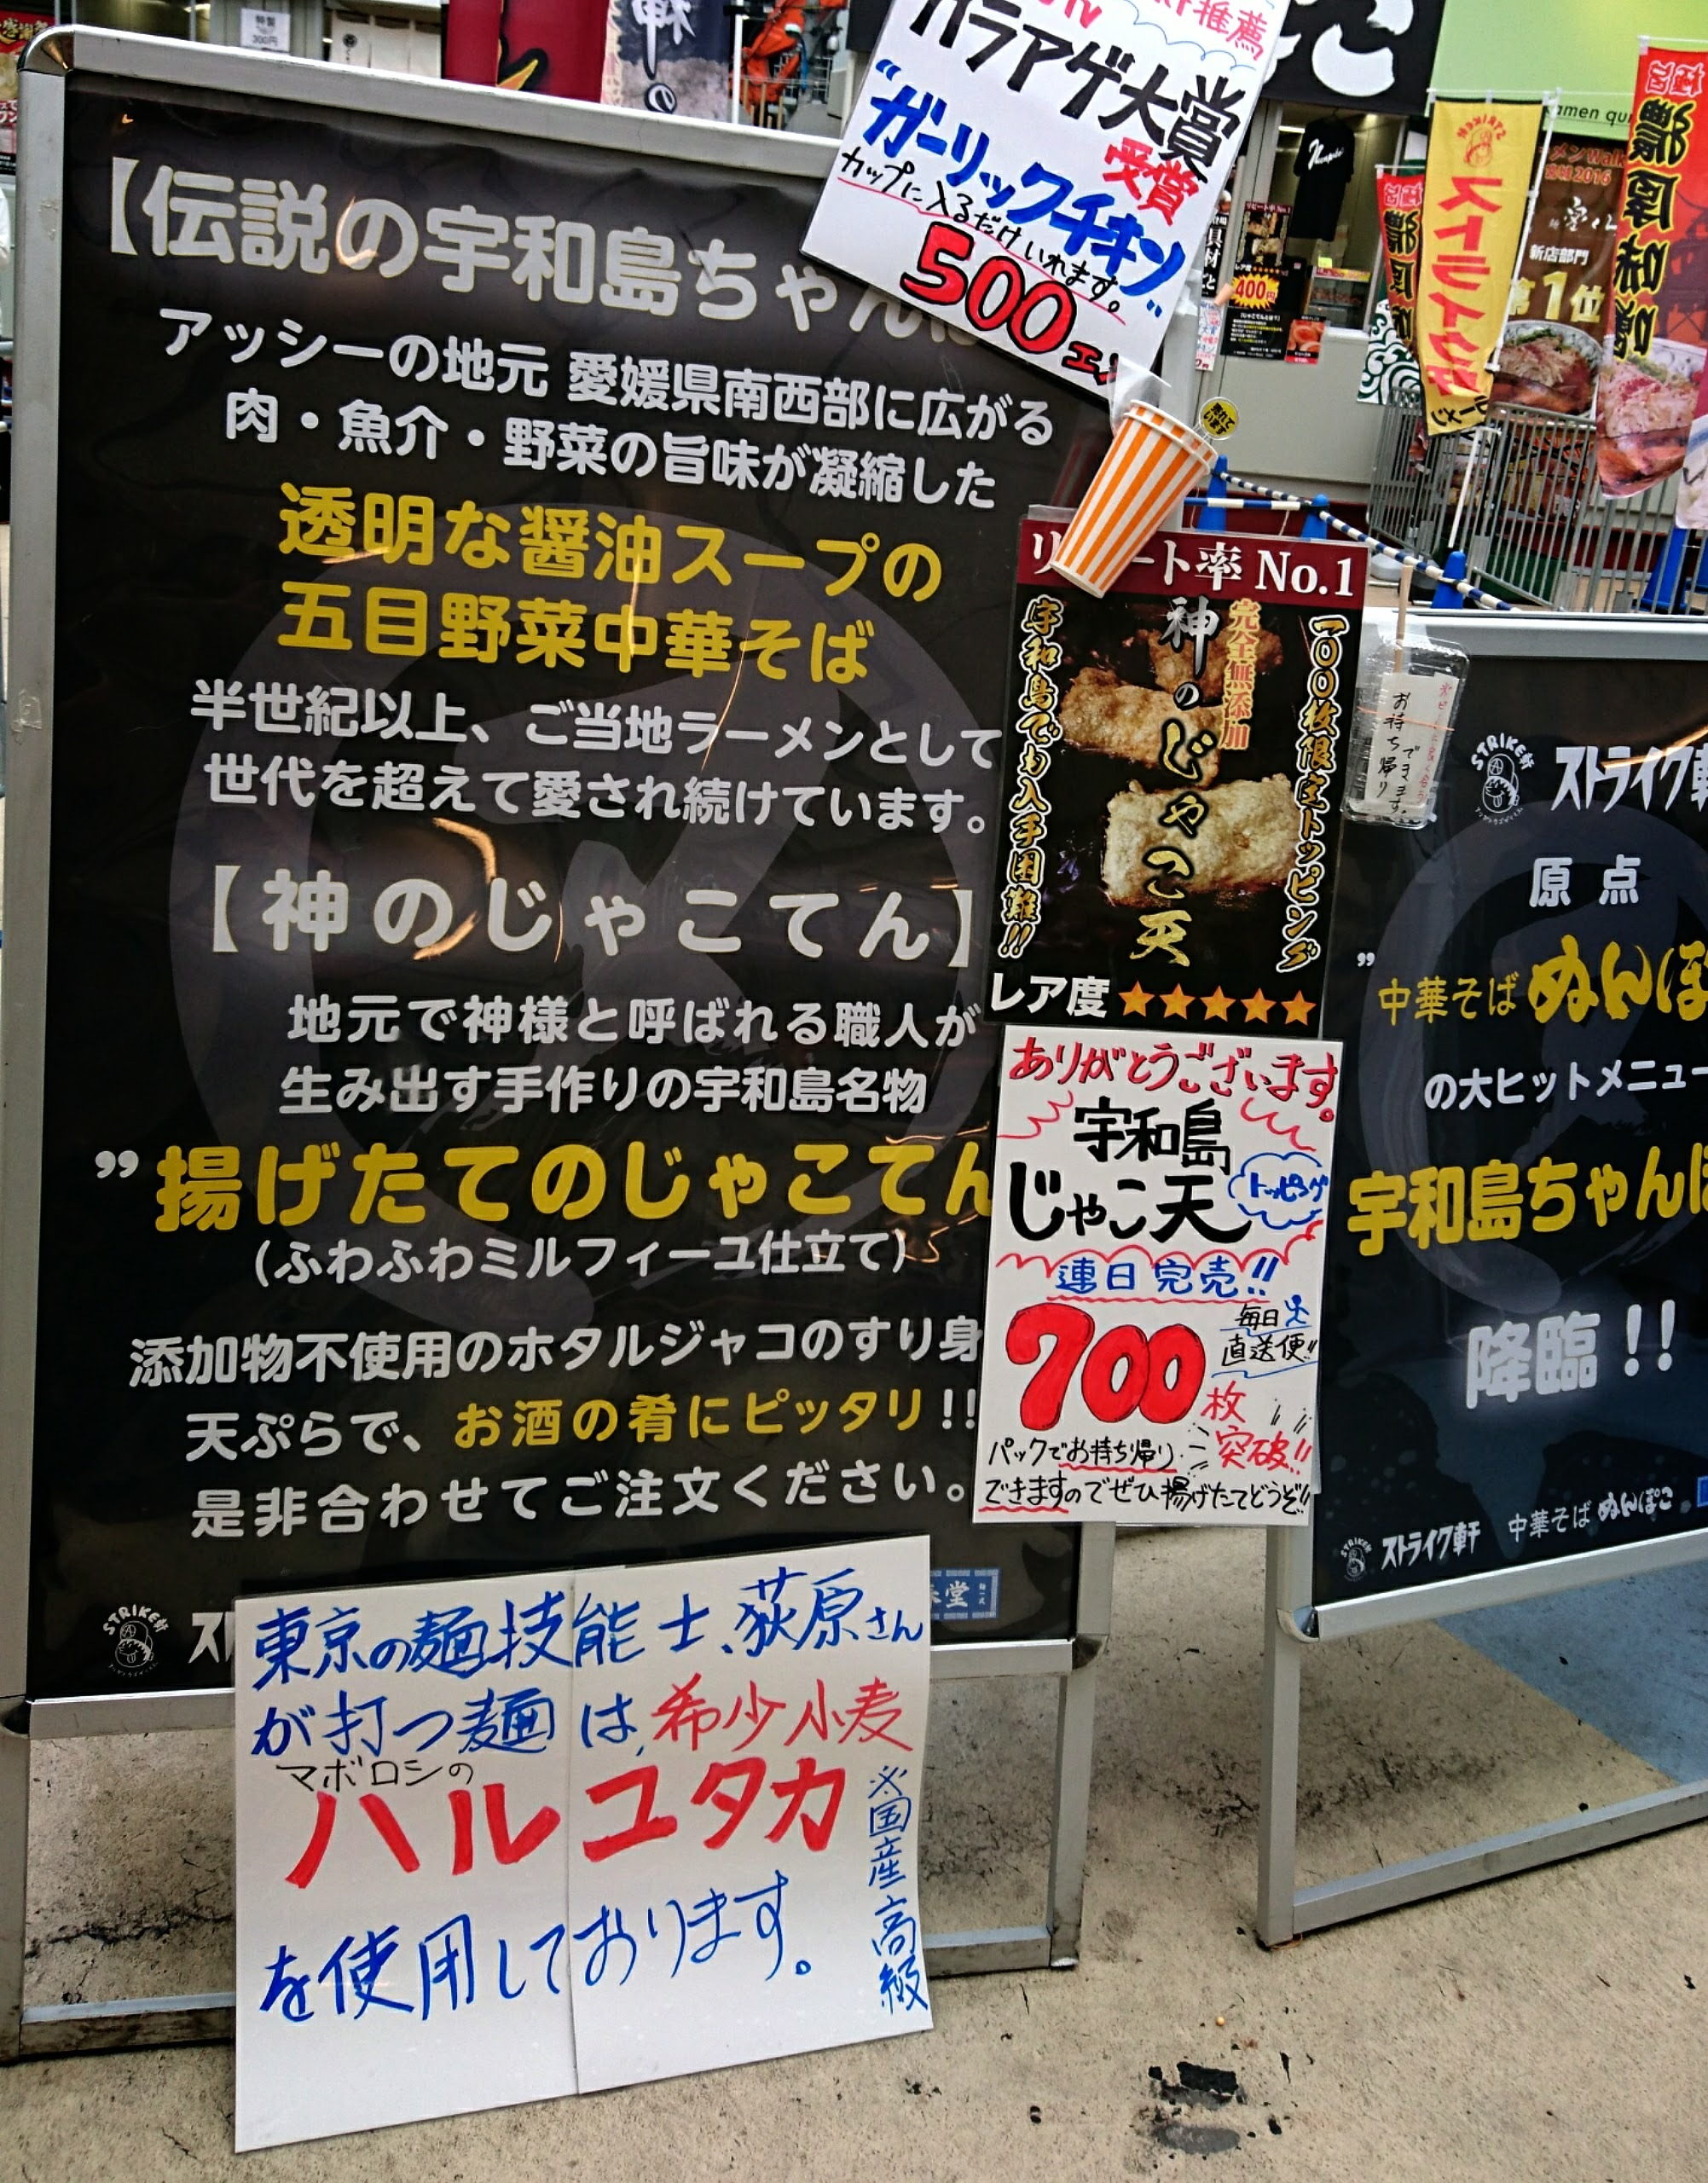 大つけ麺中華そばぬんぽこ様御採用@大成食品株式会社製麺技能士謹製麺